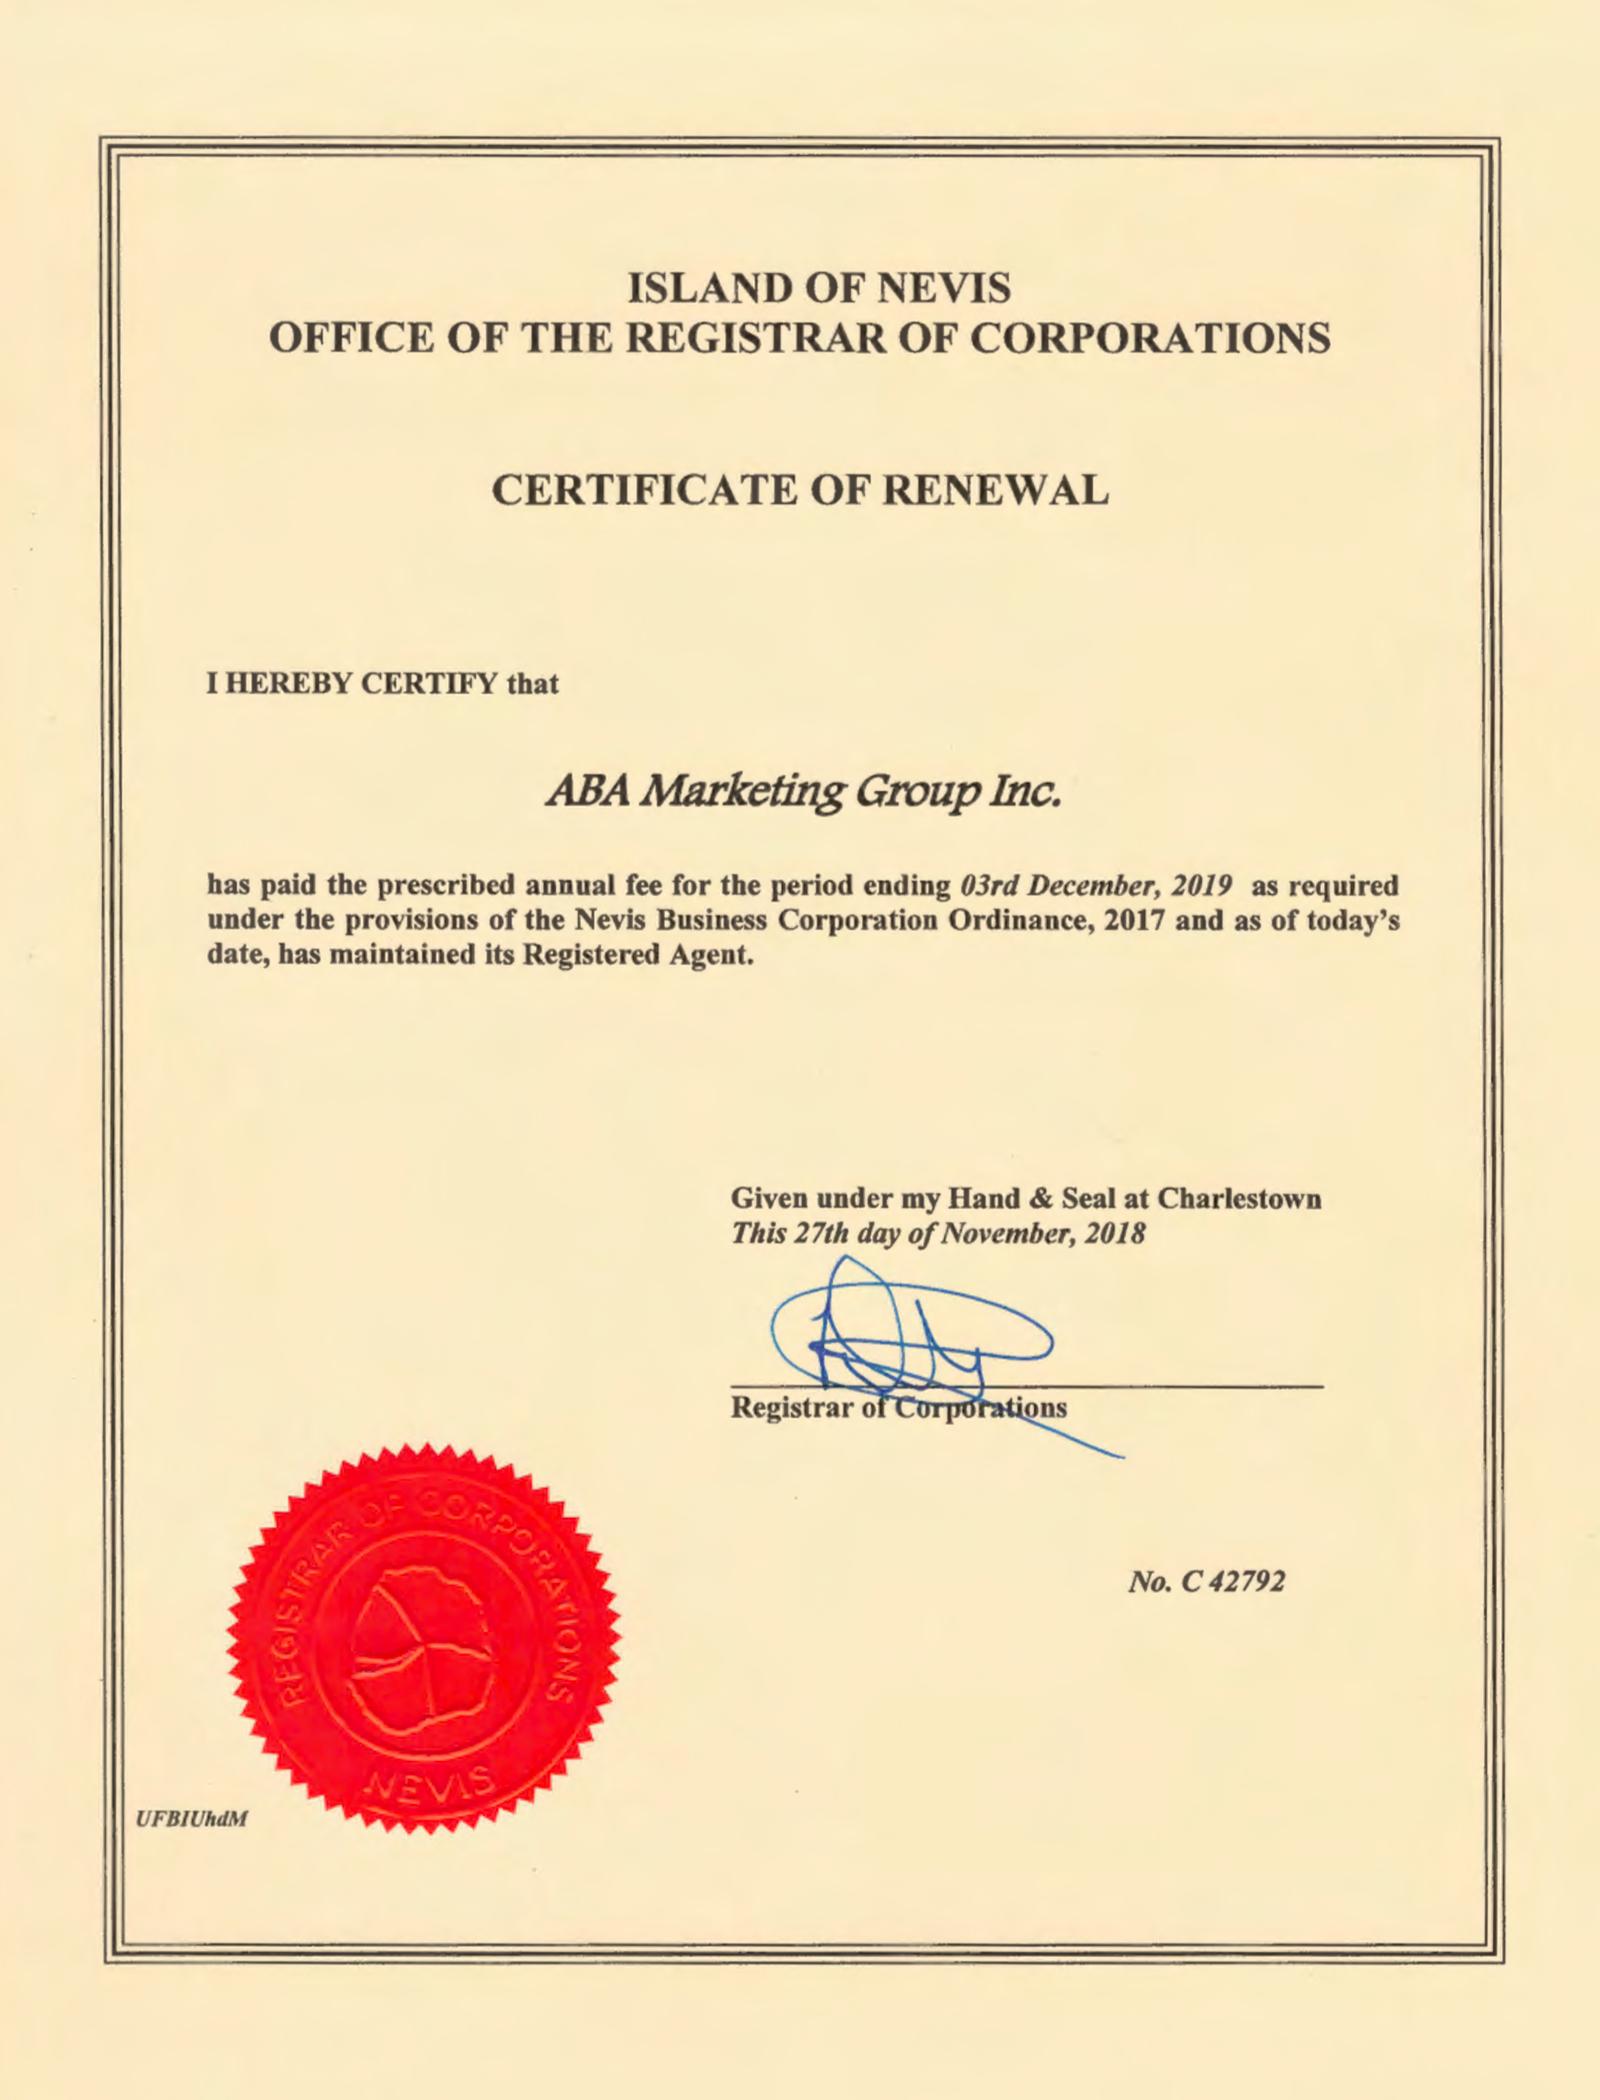 Сертификат продления регистрации — certificate of renewal — подтверждает, что компания ABAMarketing зарегистрирована по стандарту Nevis business corporation ordinance 2017 и что она продлила регистрацию до указанной в документе даты — в данном случае 3 декабря 2019 года